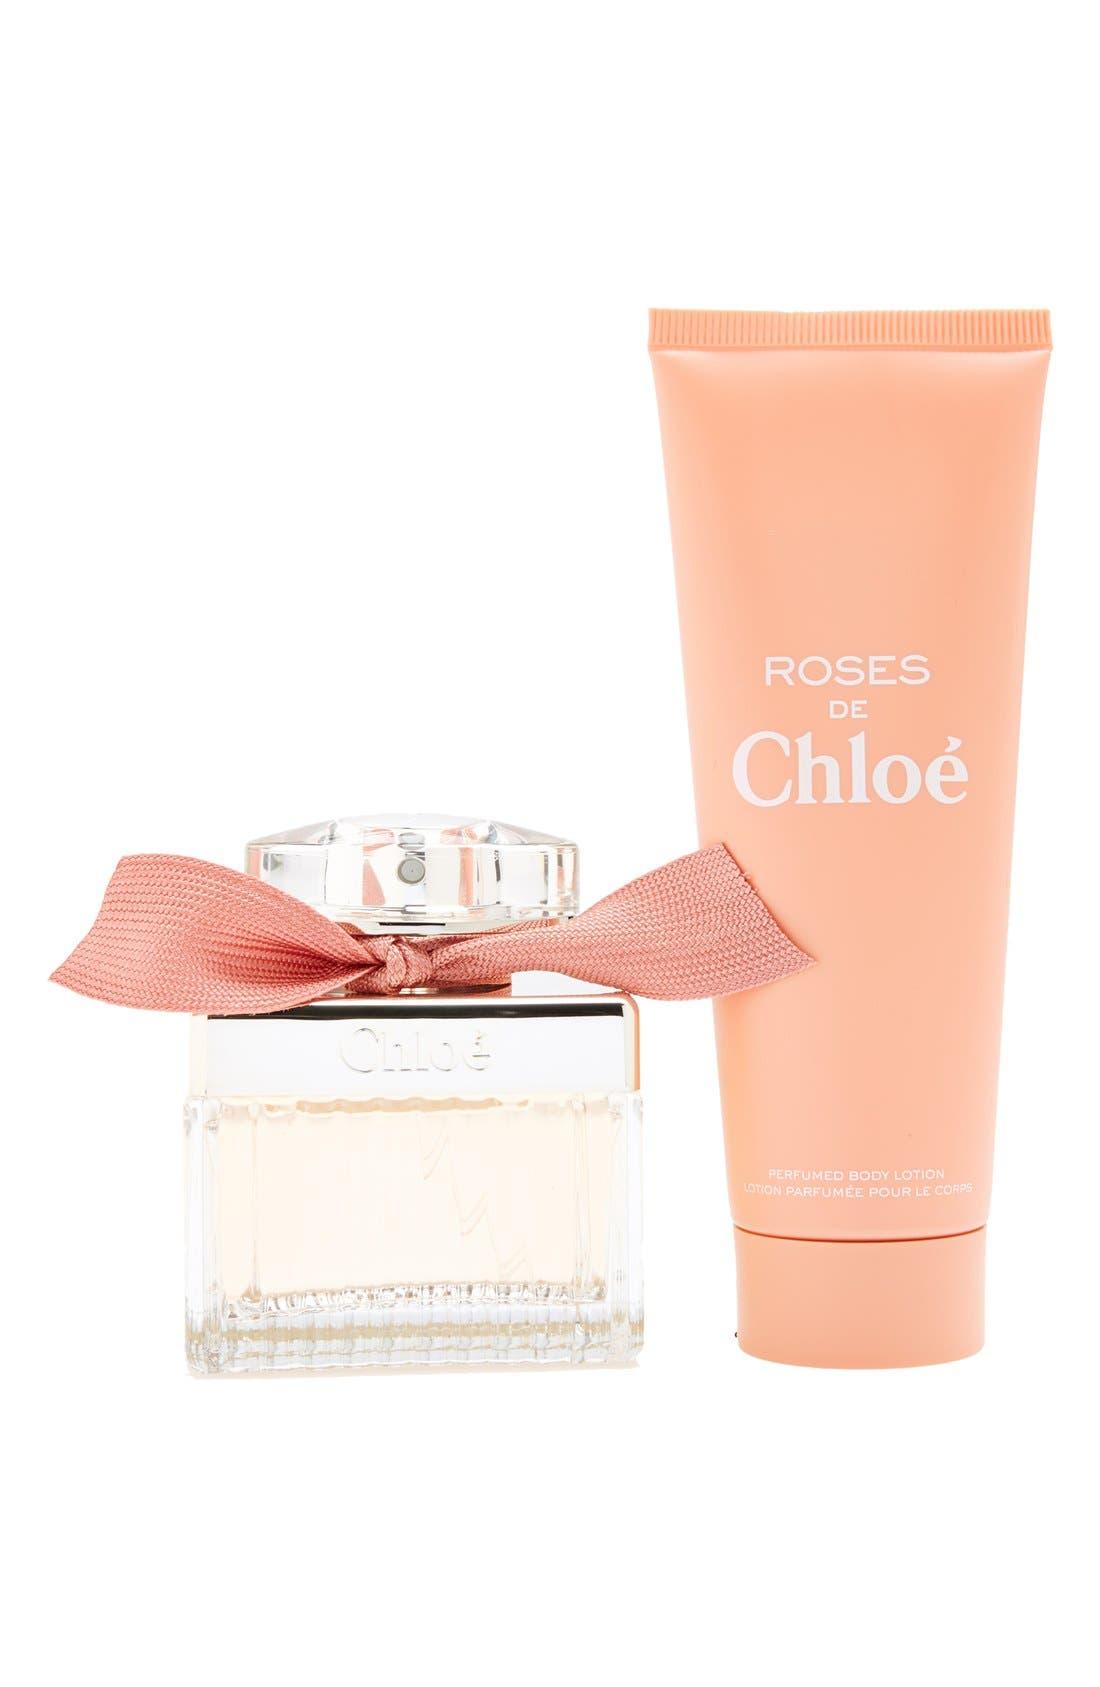 'Roses de Chloé' Set,                             Alternate thumbnail 2, color,                             000